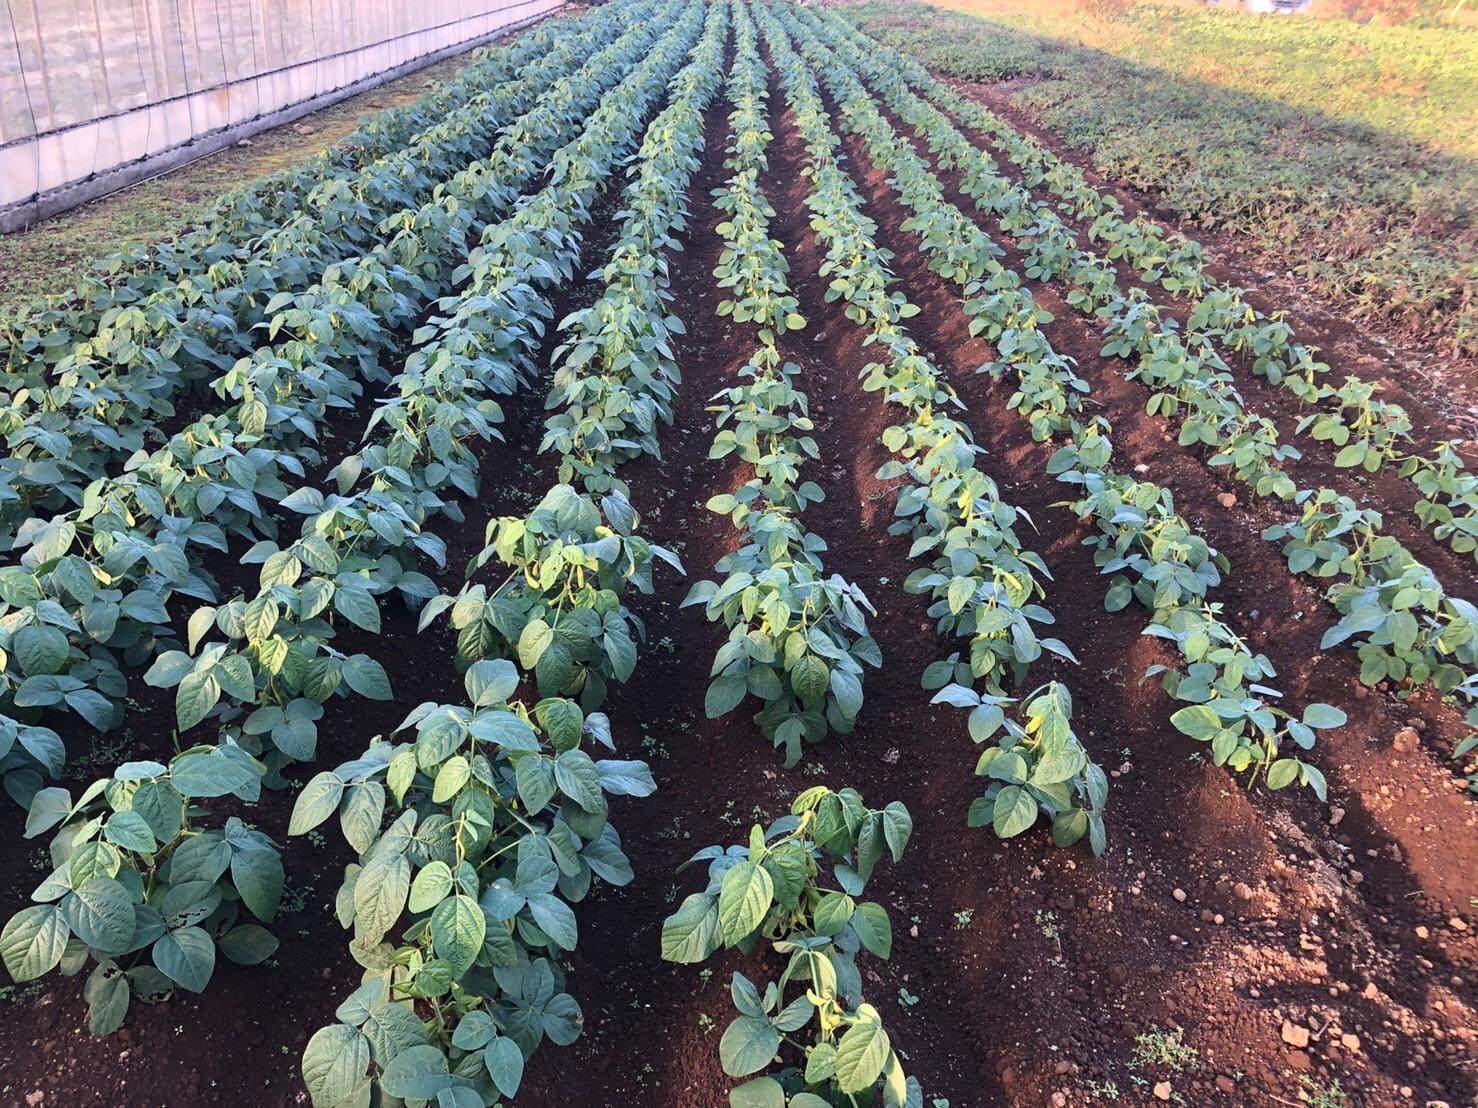 栽培 枝豆 枝豆の育て方!栽培時期や土作り・種まき・苗の植え方・肥料・摘心・収穫のコツを紹介